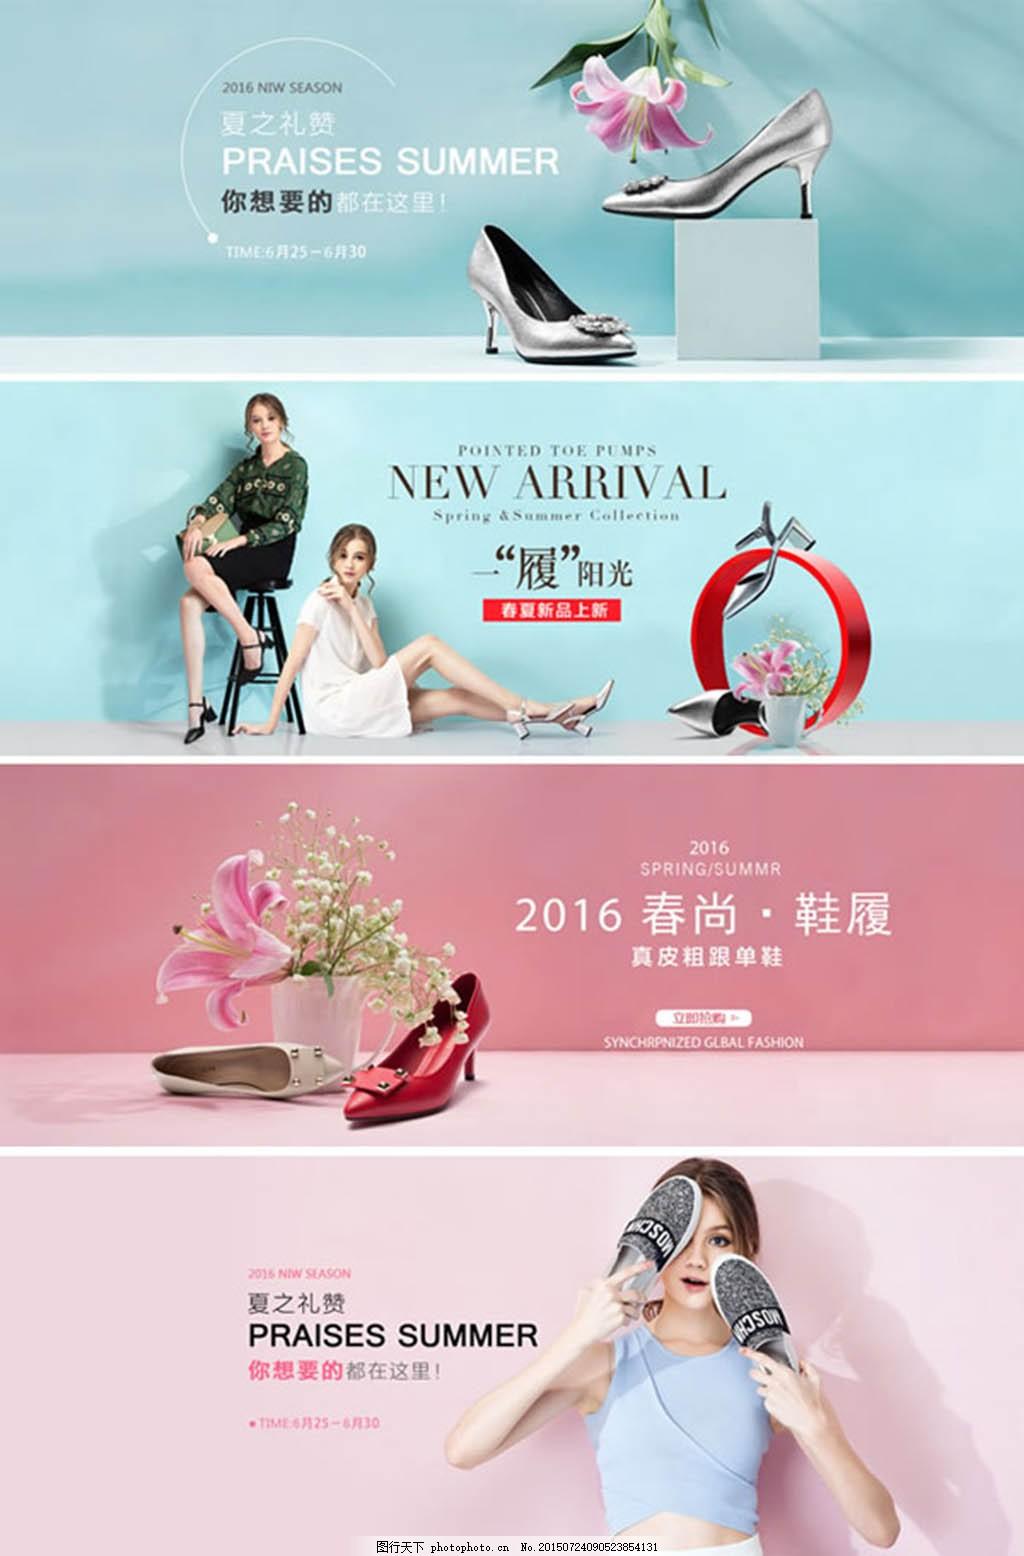 淘宝夏季女鞋高跟鞋轮播海报 淘宝夏季女鞋海报素材 高跟鞋海报 淘宝女鞋海报